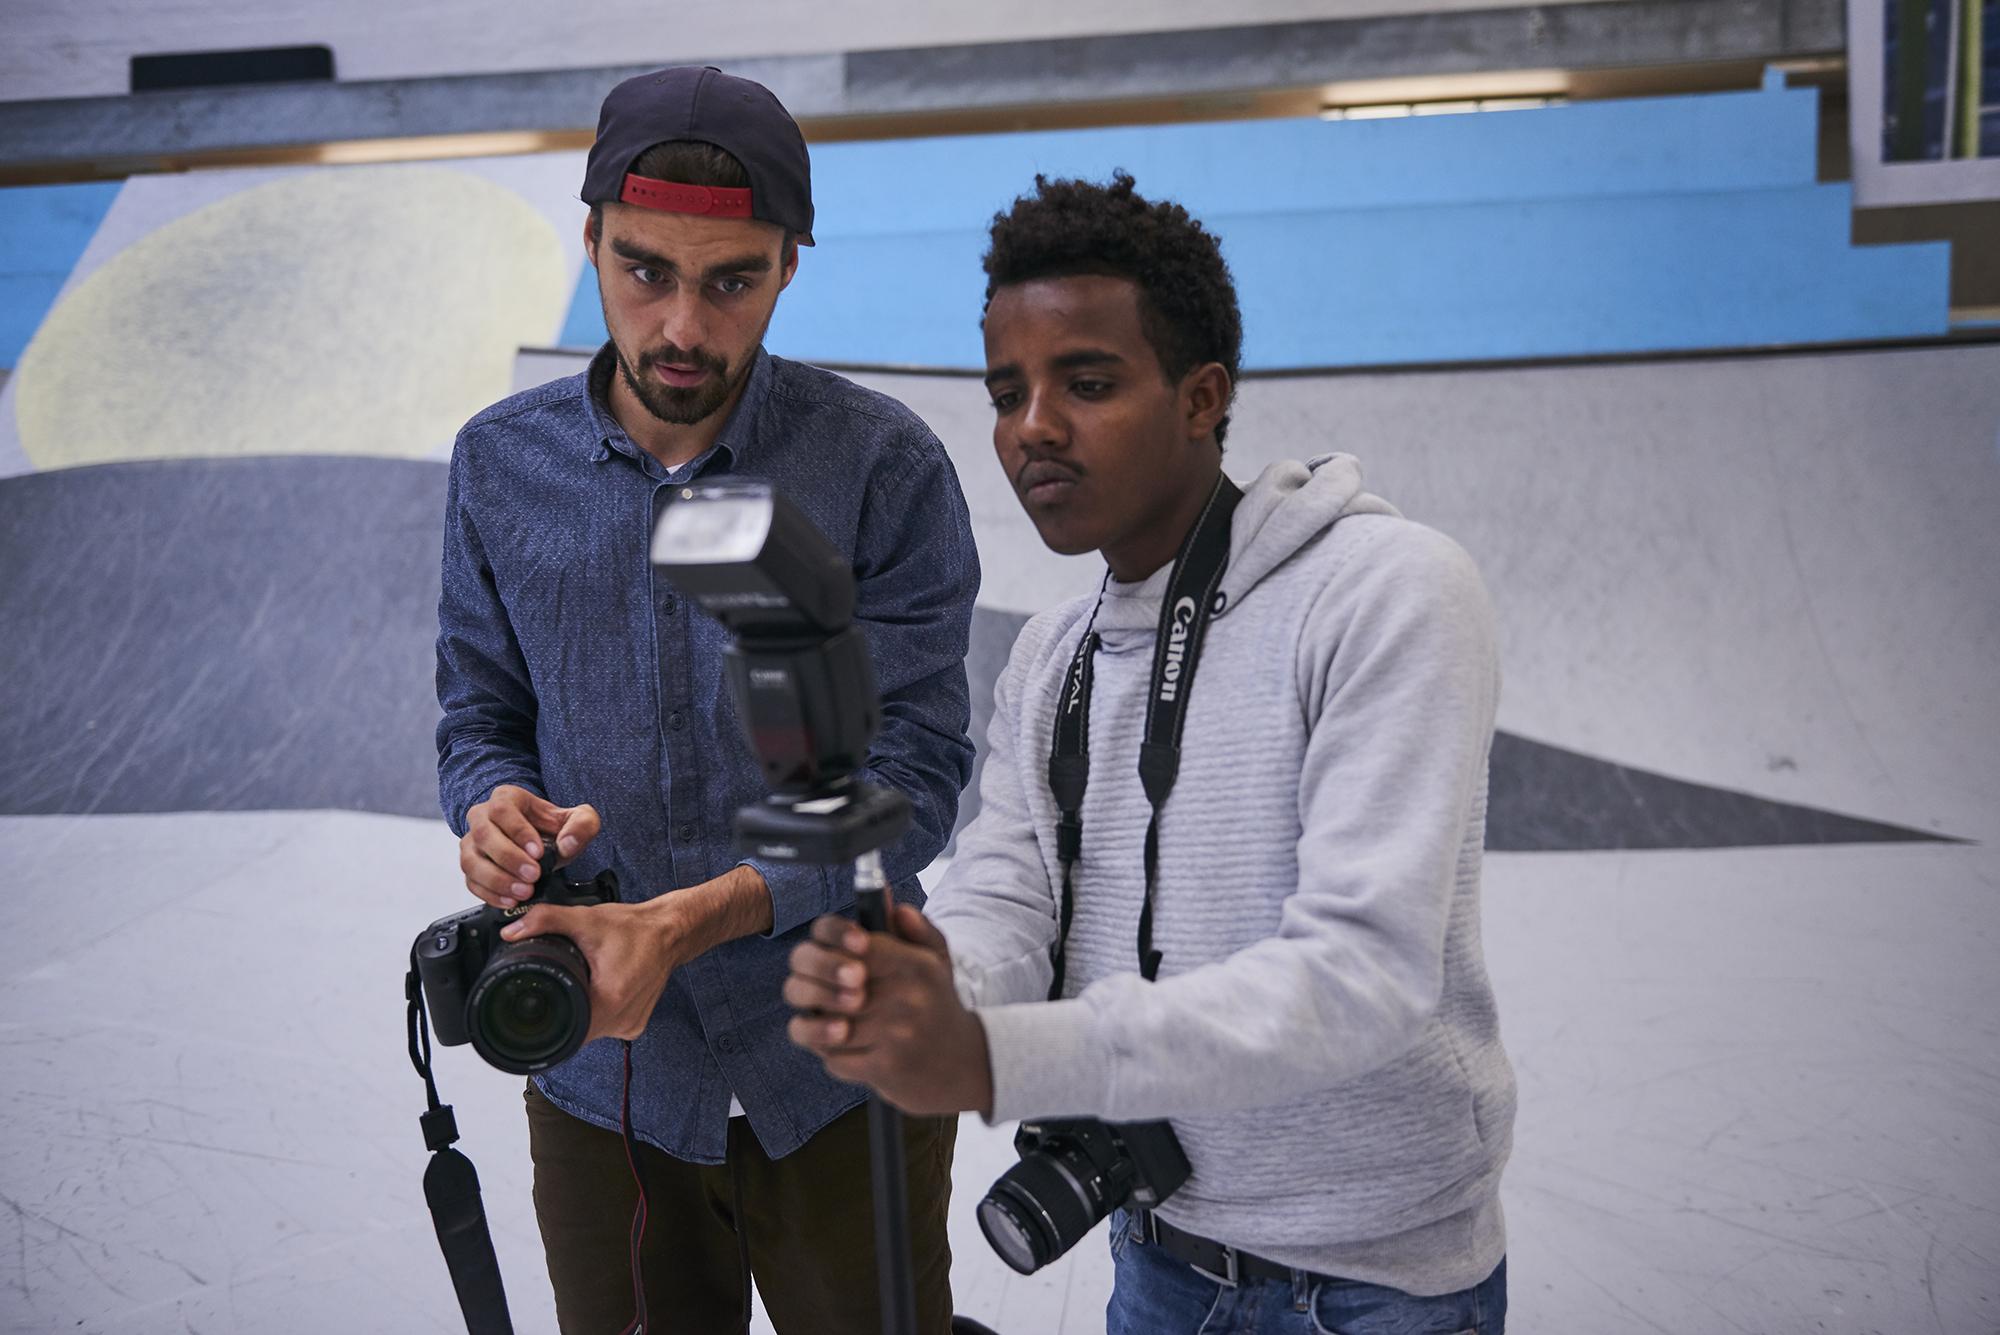 SØBY_Behind the scenes042.jpg